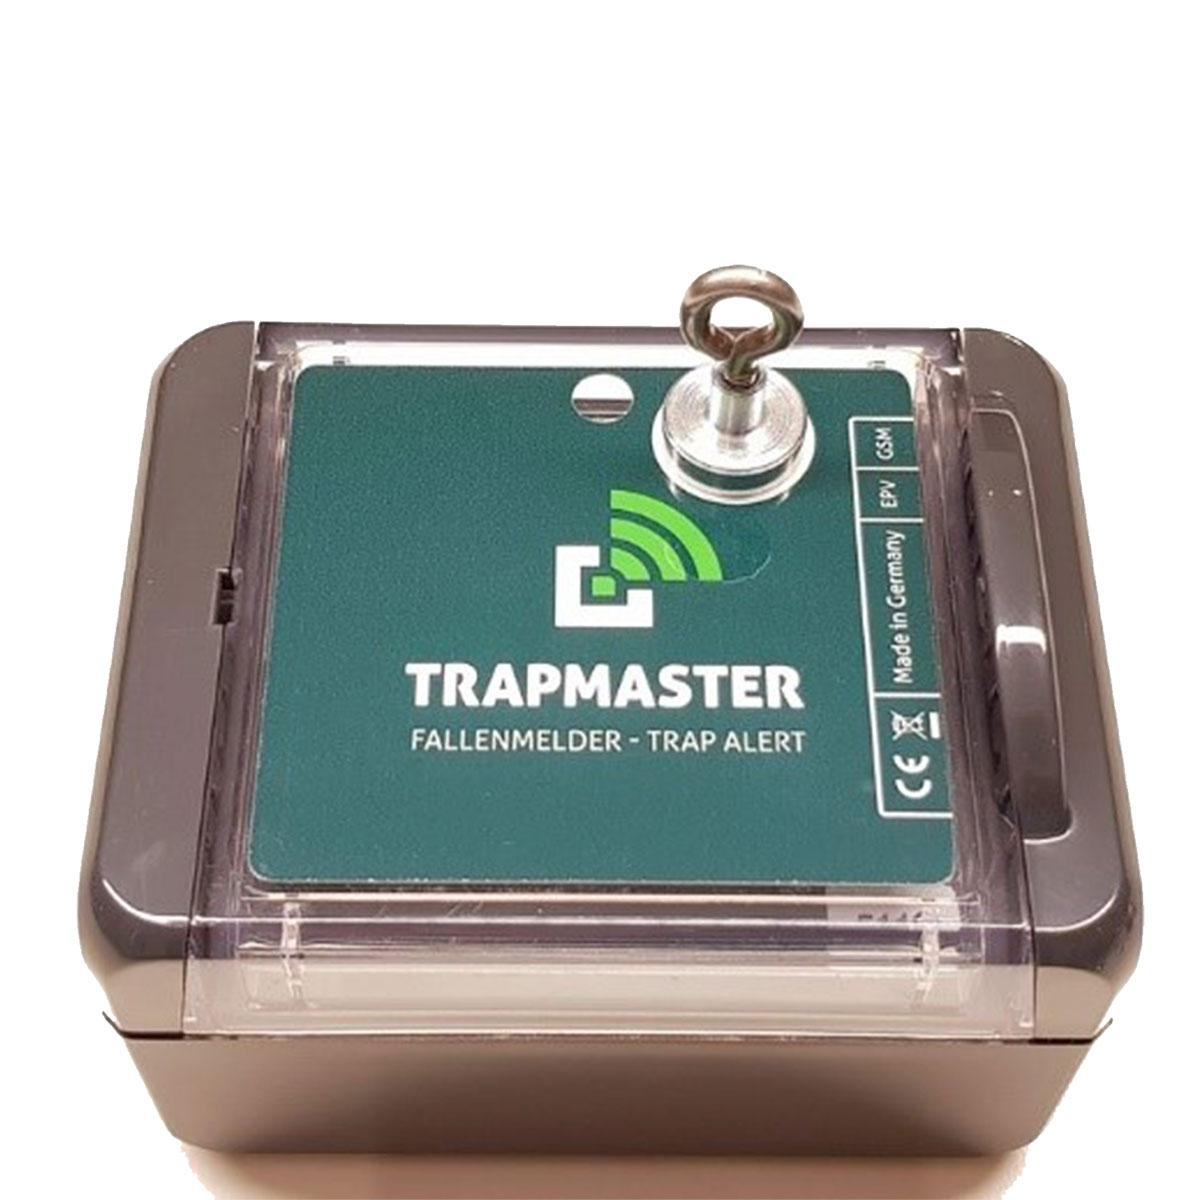 Trapmaster Professionell Neo Revierwelt-Edition (Fallenmelder/Fangmelder) im Pareyshop